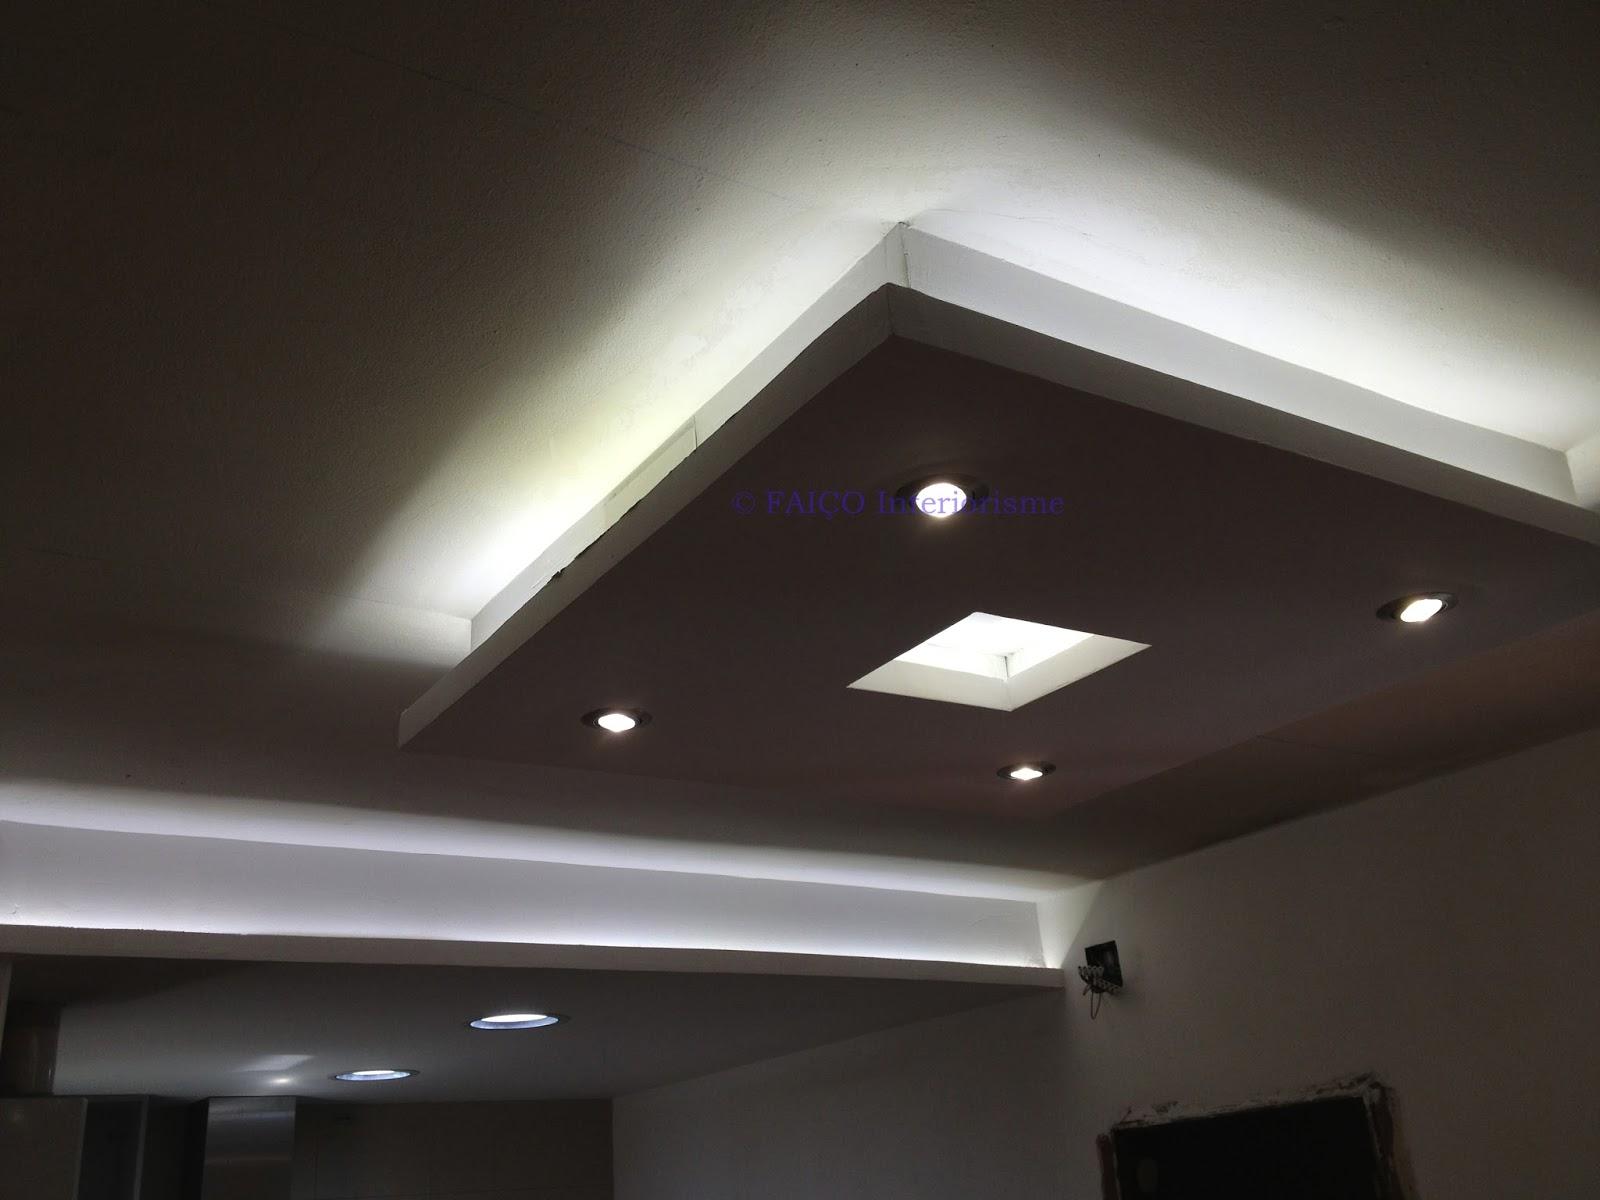 Fai o interiorisme llobregat hospitalet for Como poner pladur en el techo